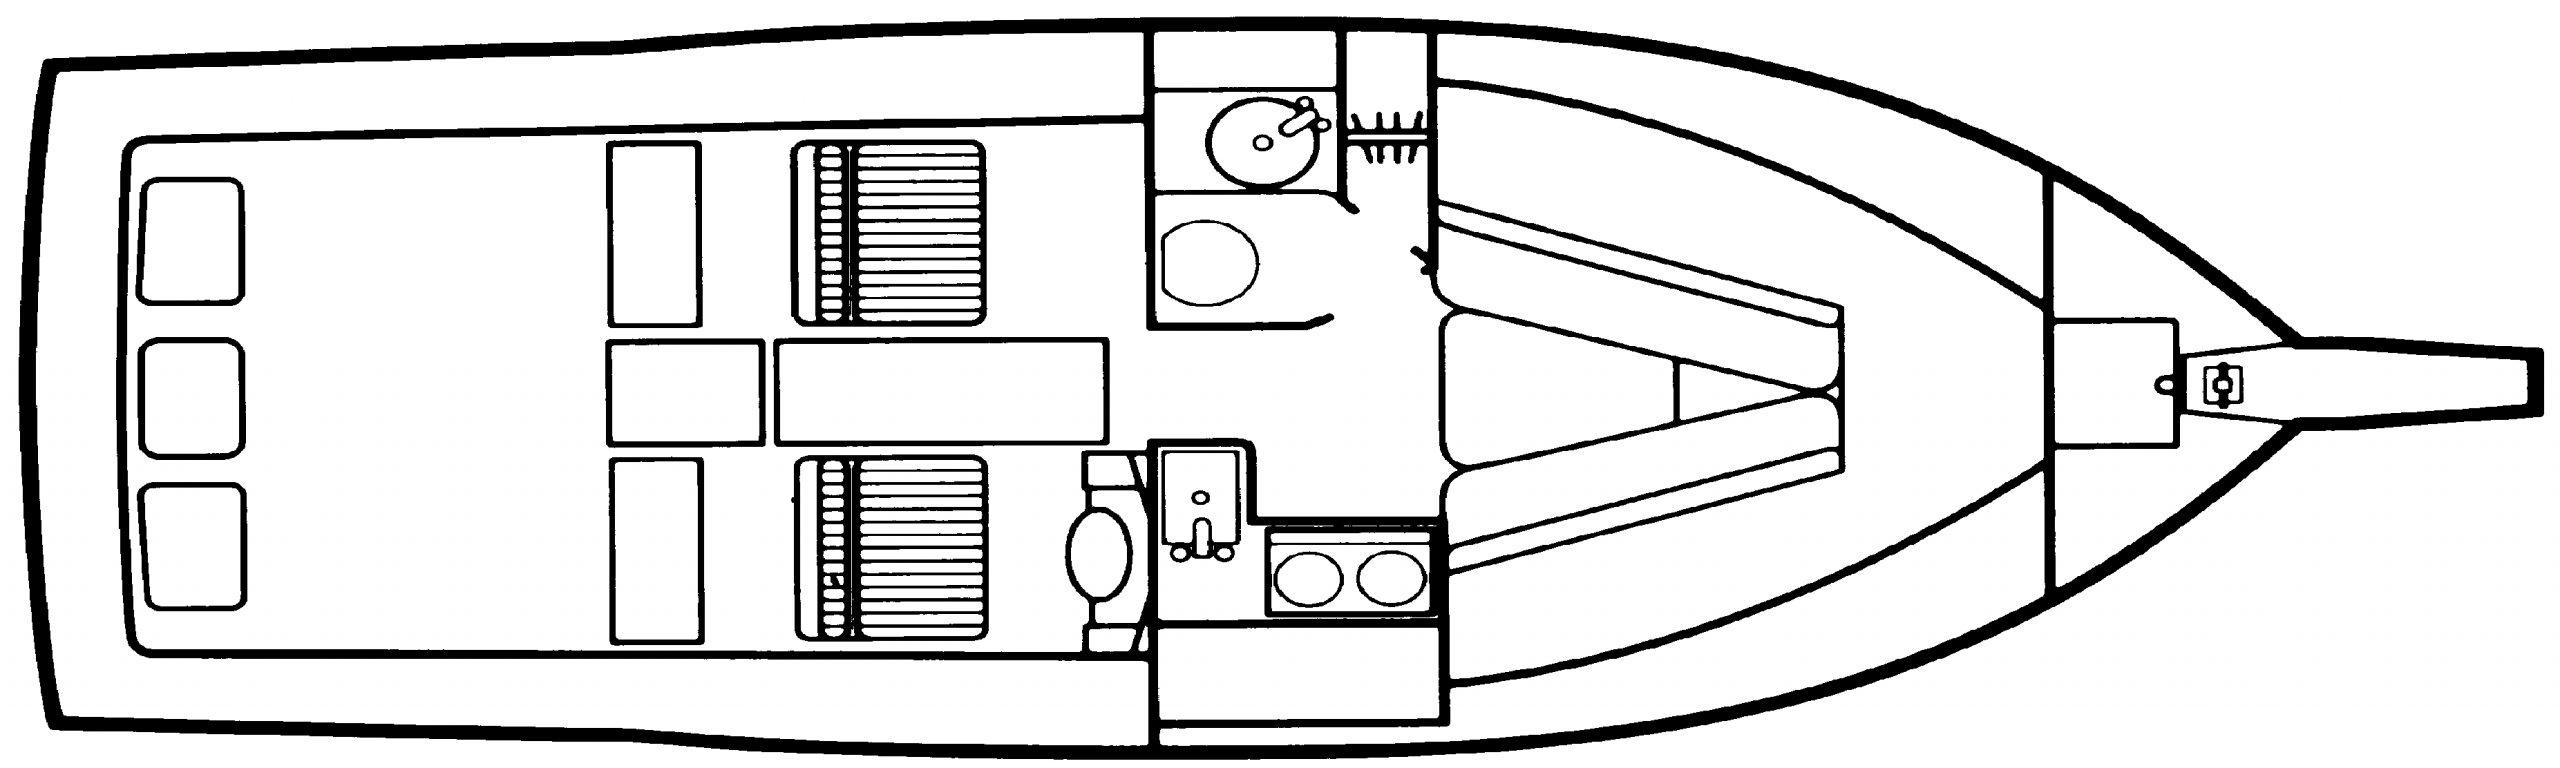 28 Sportsman Floor Plan 1